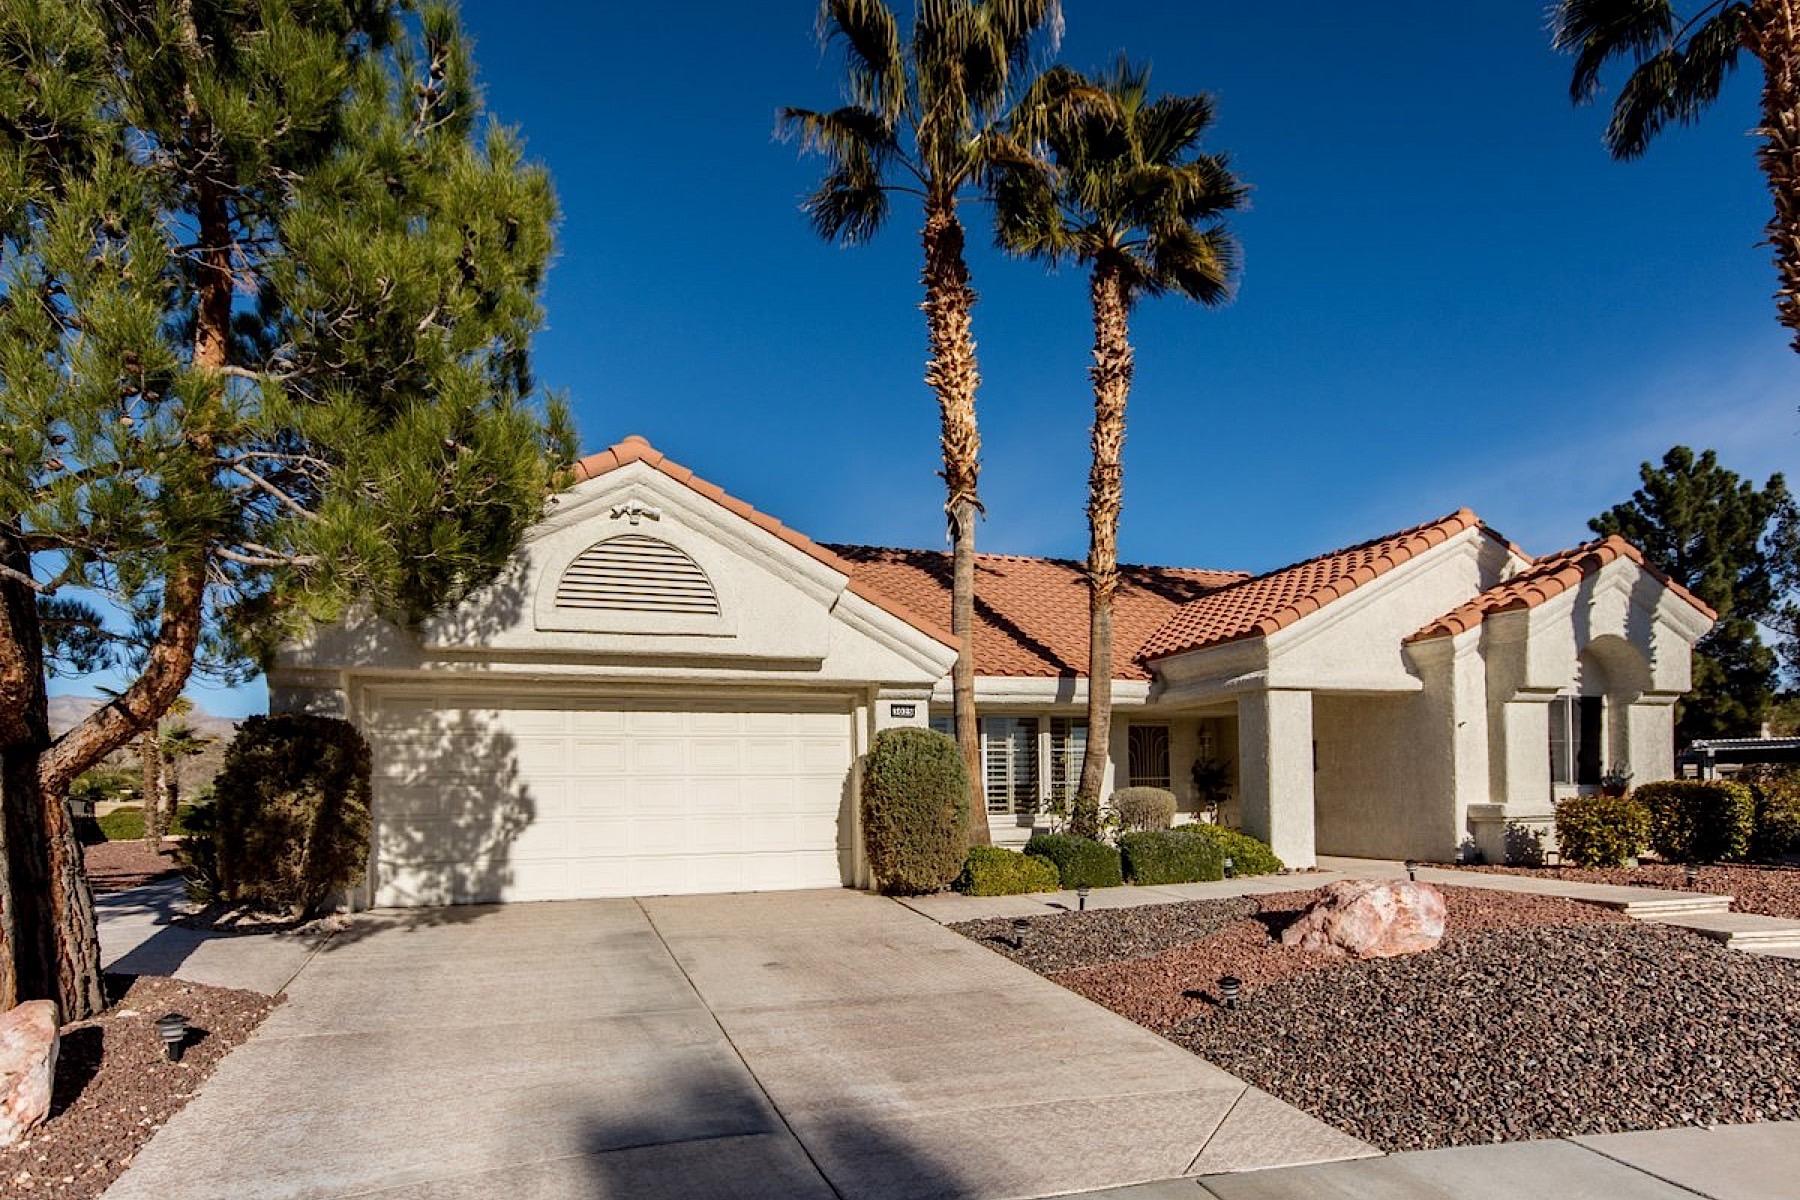 단독 가정 주택 용 매매 에 3025 Golf Links Dr Las Vegas, 네바다 89134 미국